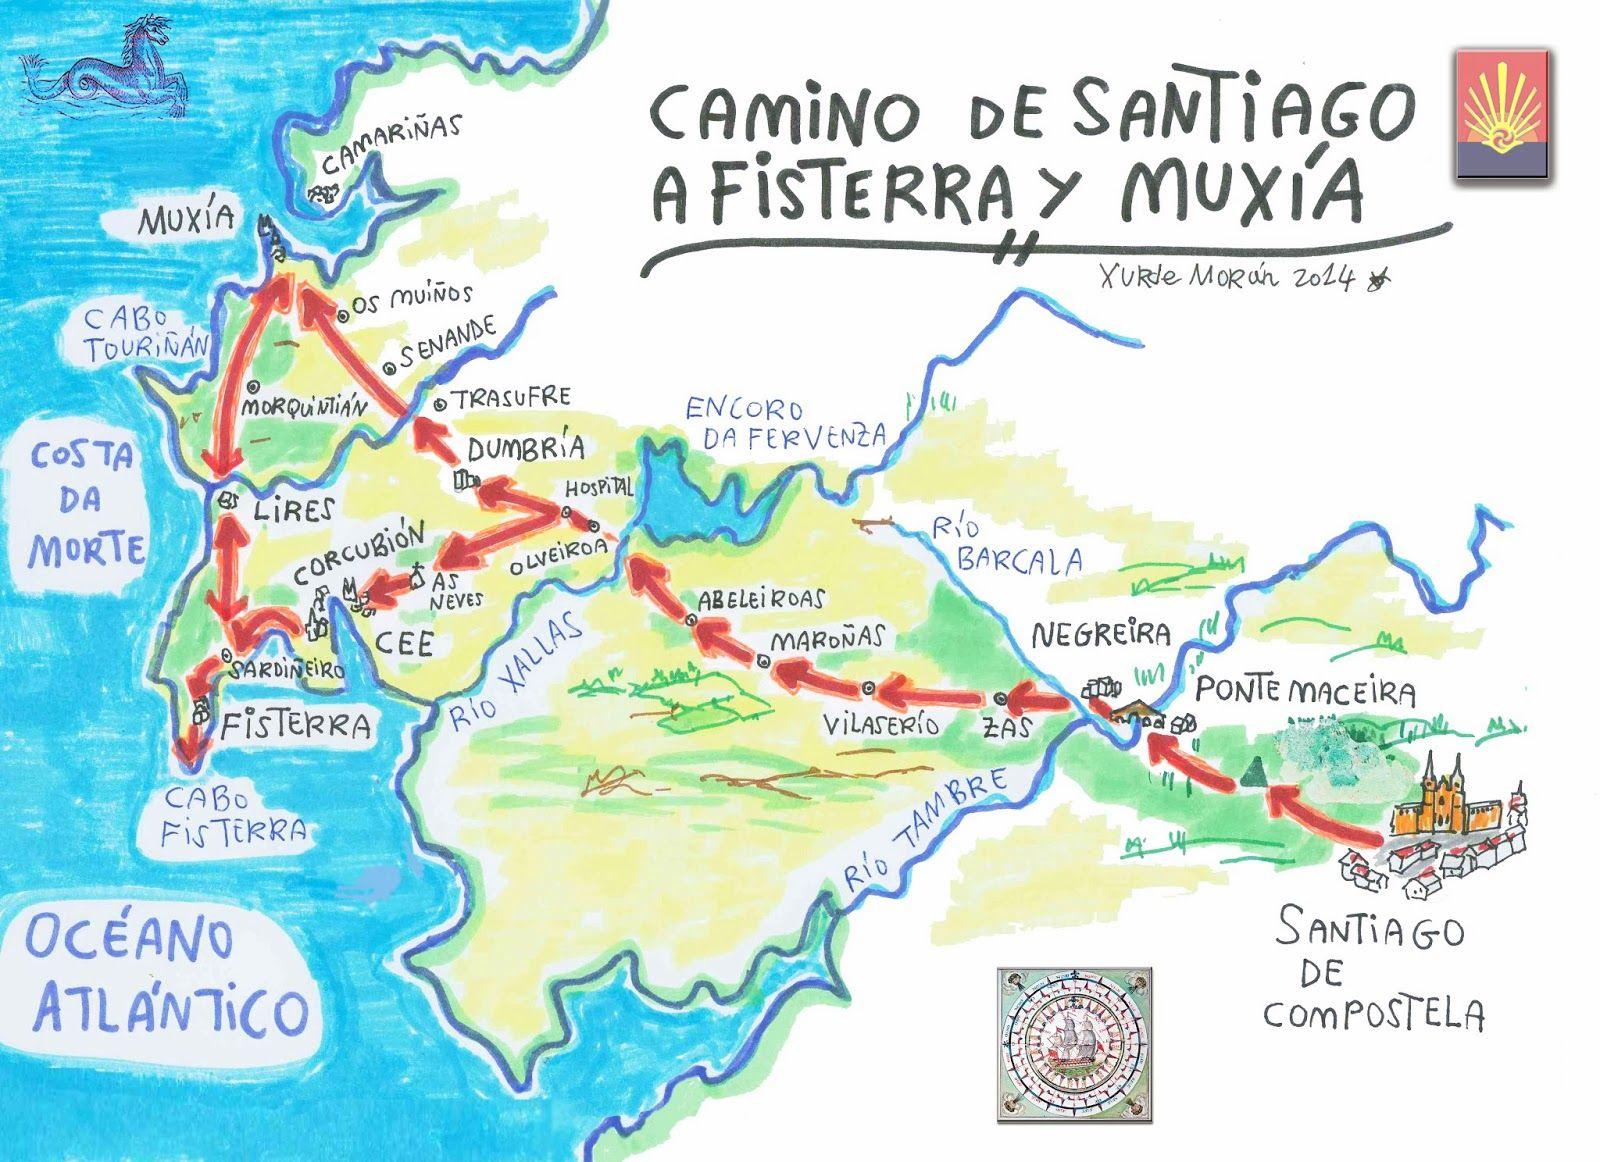 Mapa Del Camino De Santiago A Fisterra Y Muxia Camino De Santiago Santiago Santiago De Compostela